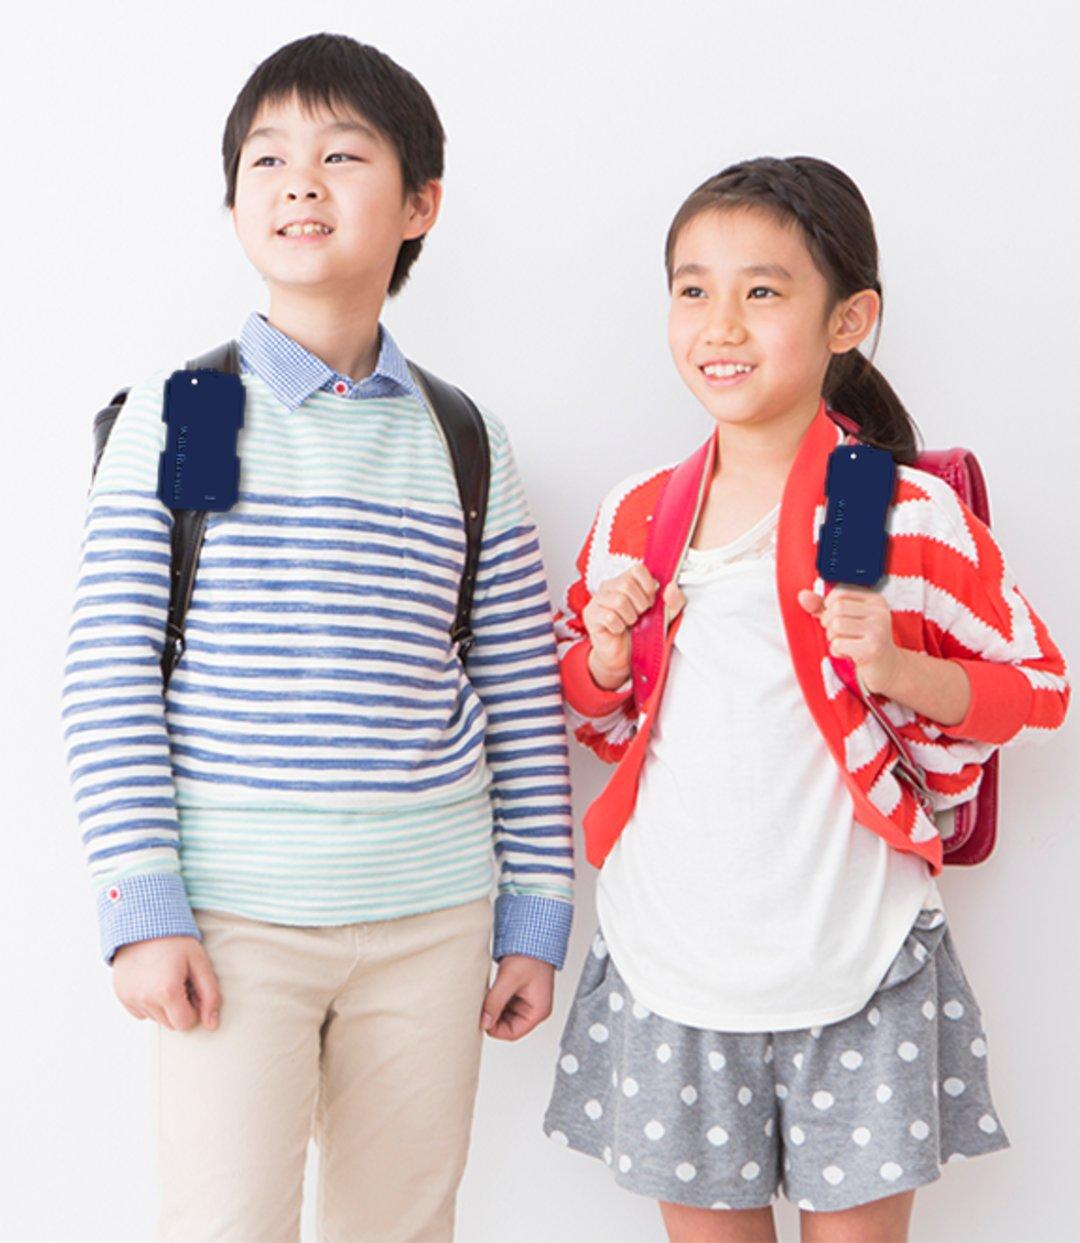 防走丢,防过度娱乐,日本儿童专用手机的功能越来越多_商业_好奇心日报